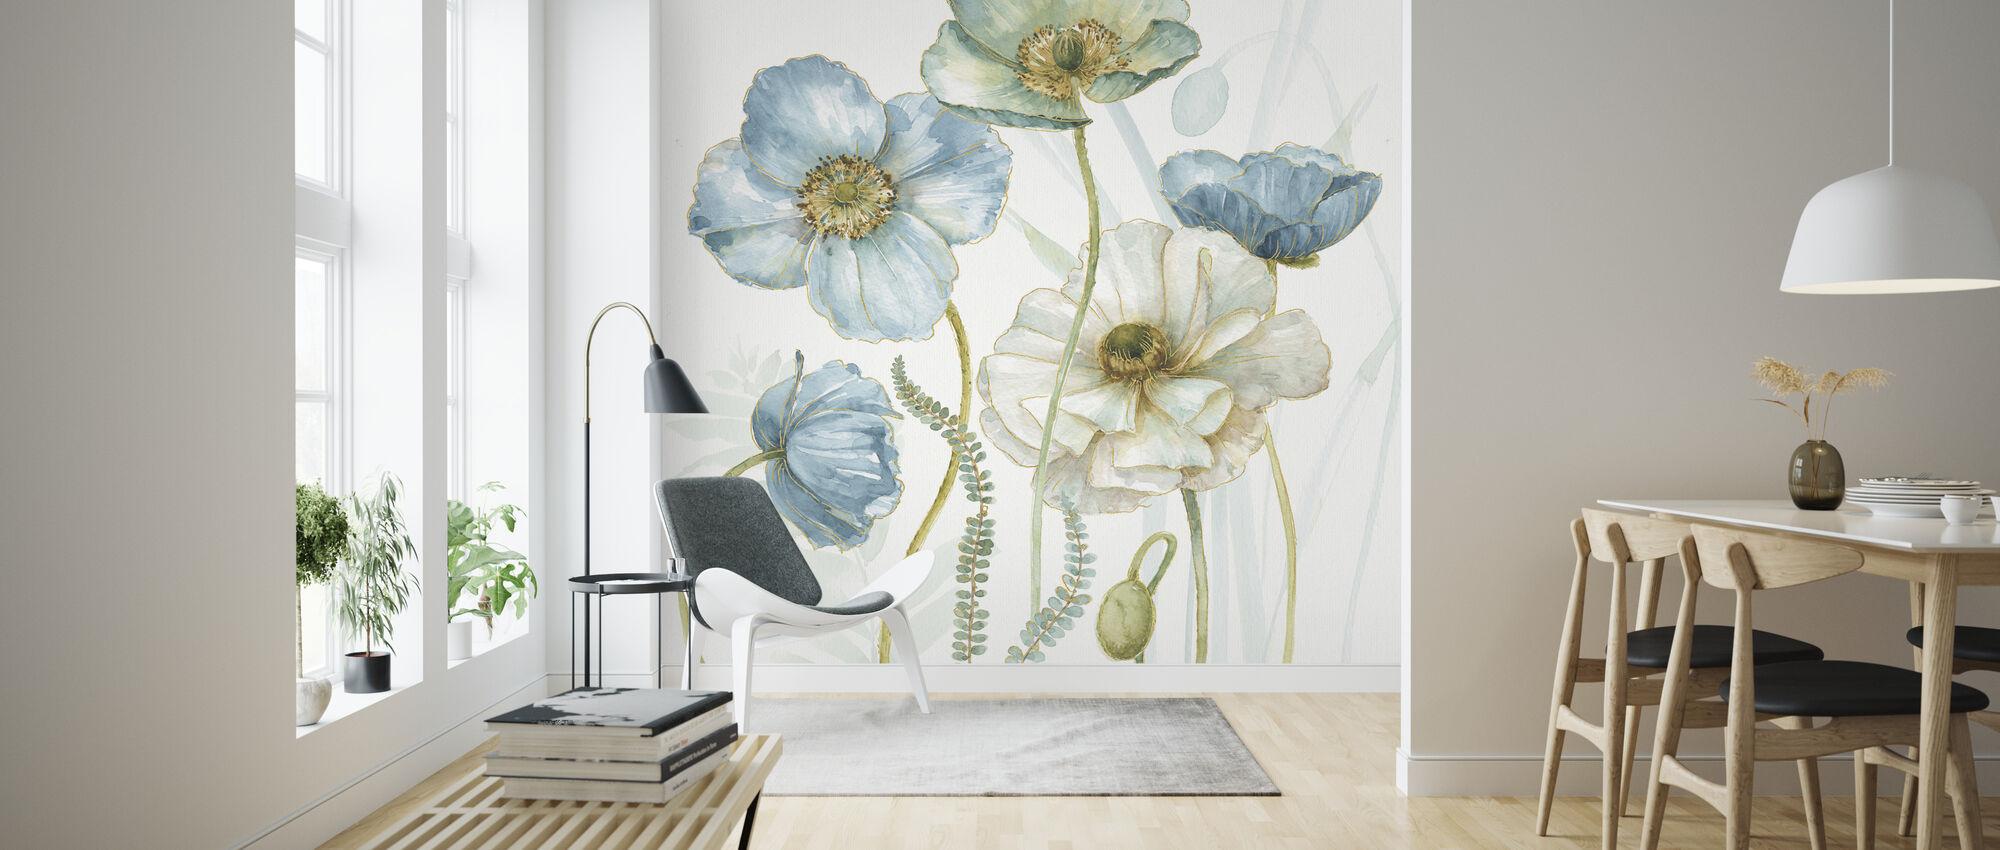 Mein Gewächshaus Blumen 5 - Tapete - Wohnzimmer